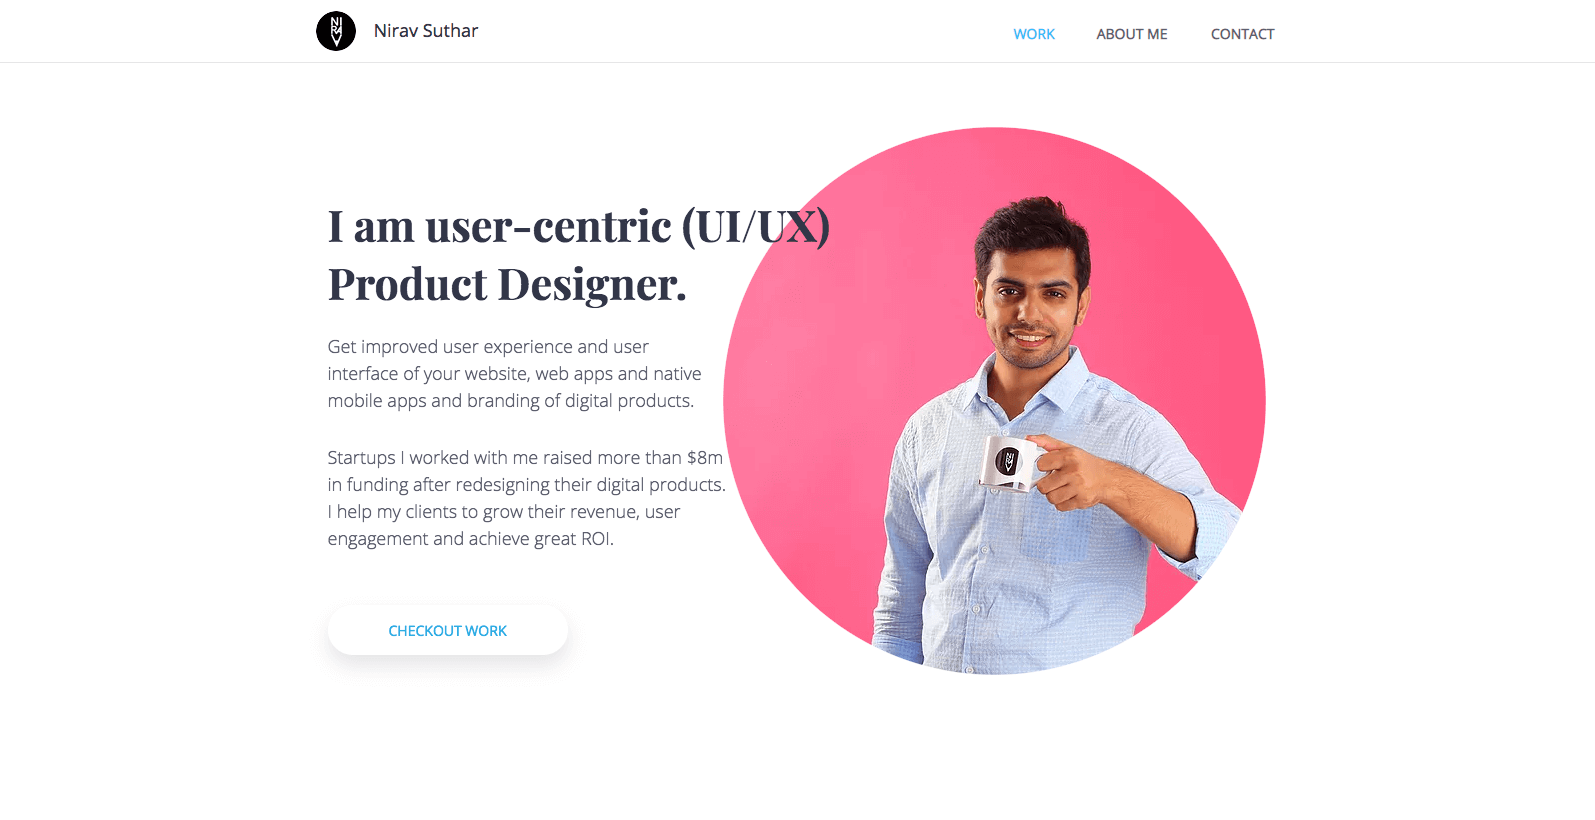 Product Designer   Web   Mobile Apps   Branding - Nirav Suthar